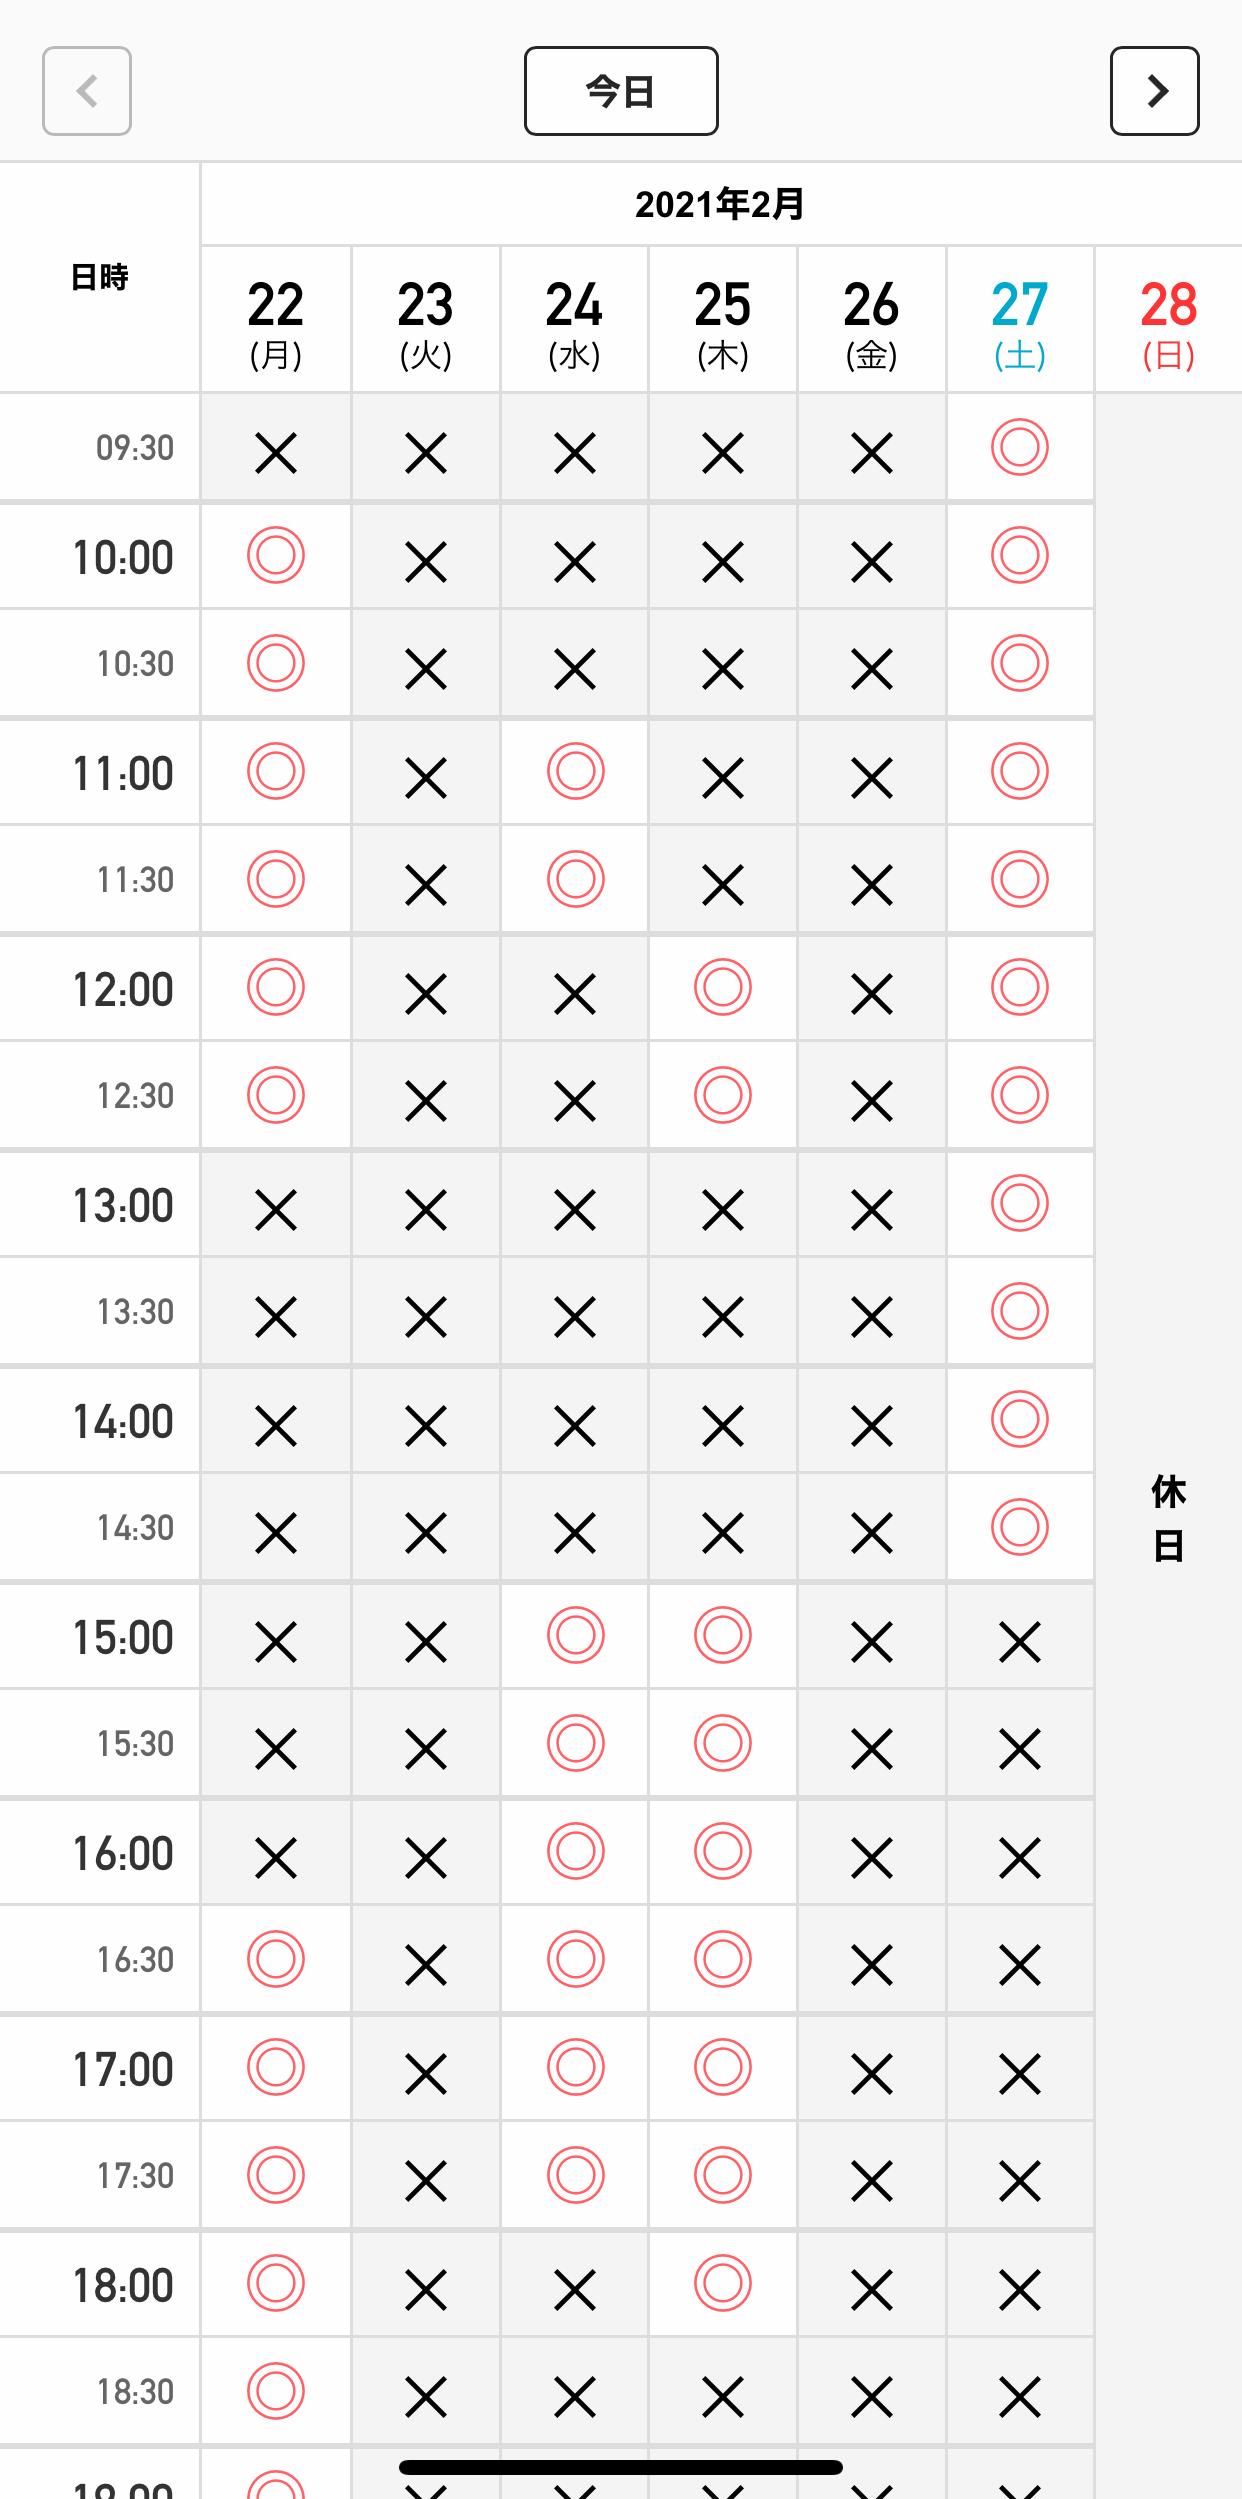 空き時間枠から予約